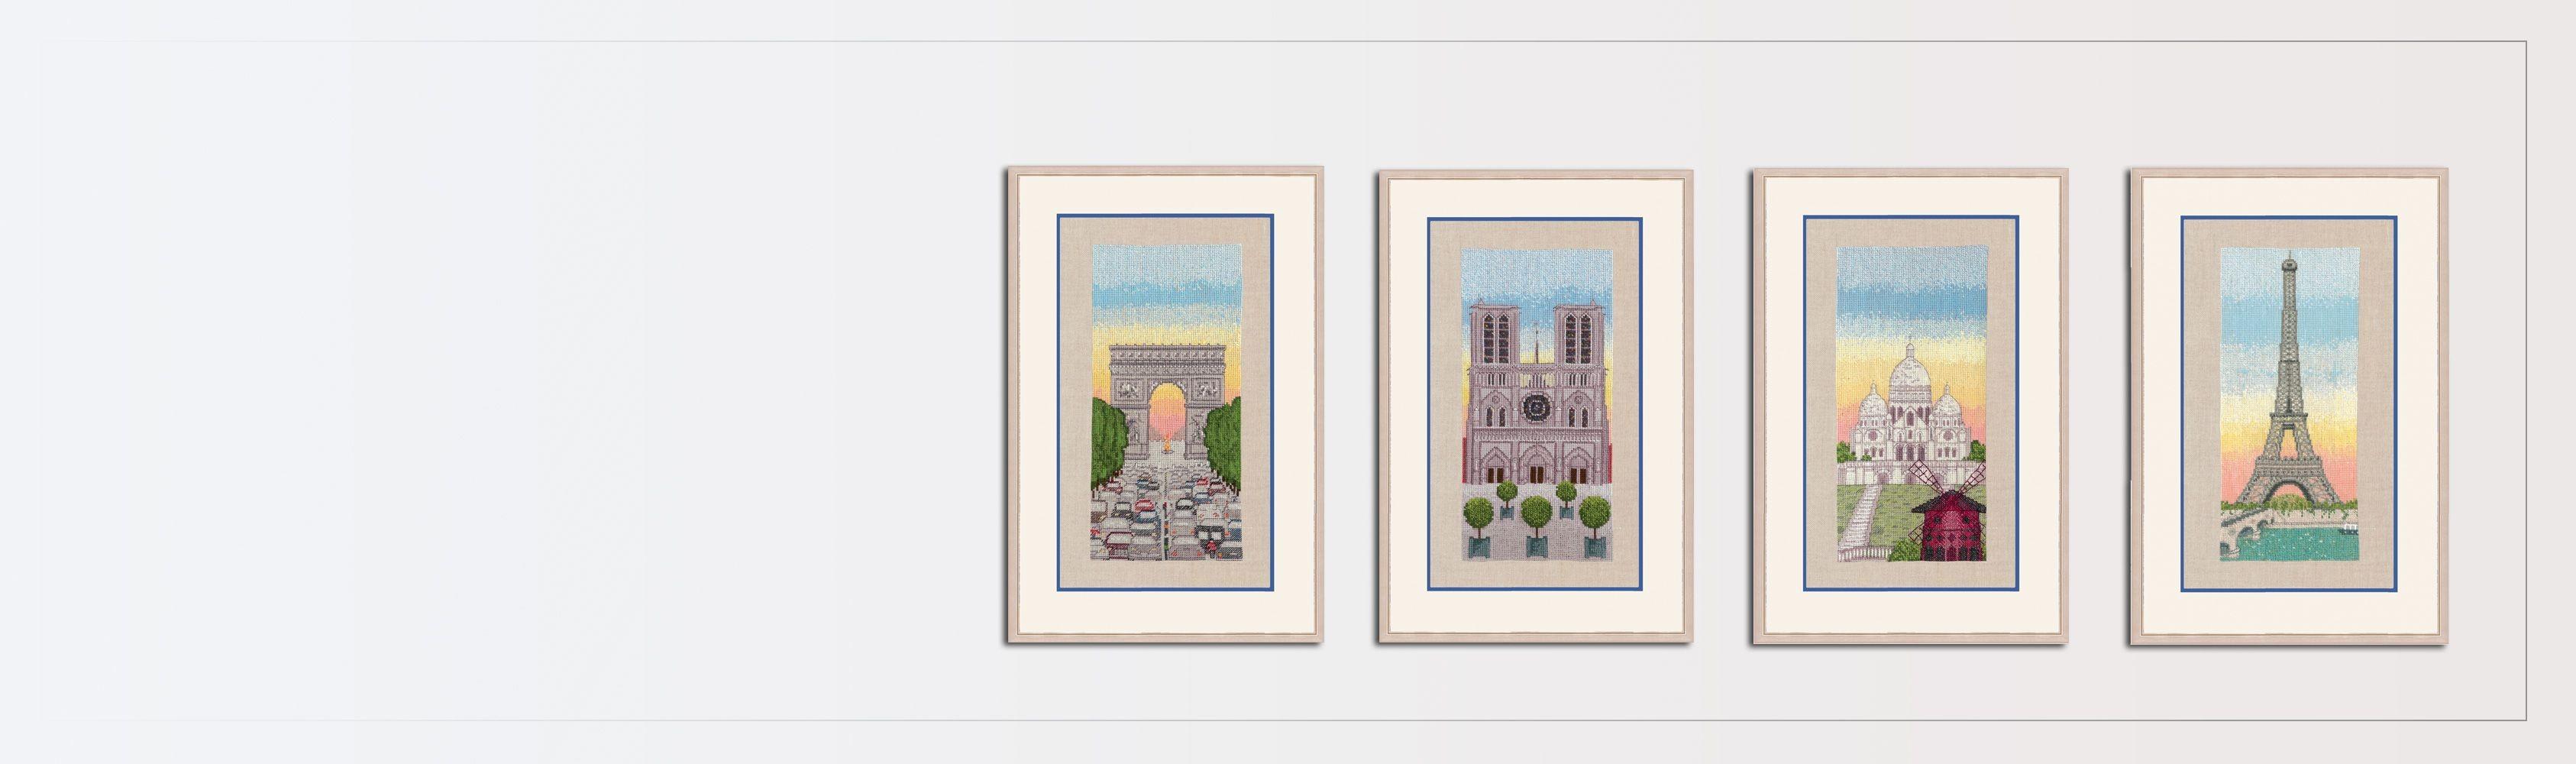 Counted cross stitch kits. Embroidery kits. Motive - the Eiffel Tower, Notre Dame de Paris, Arc de Triomphe, Sacre Coeur. Le Bonheur des Dames